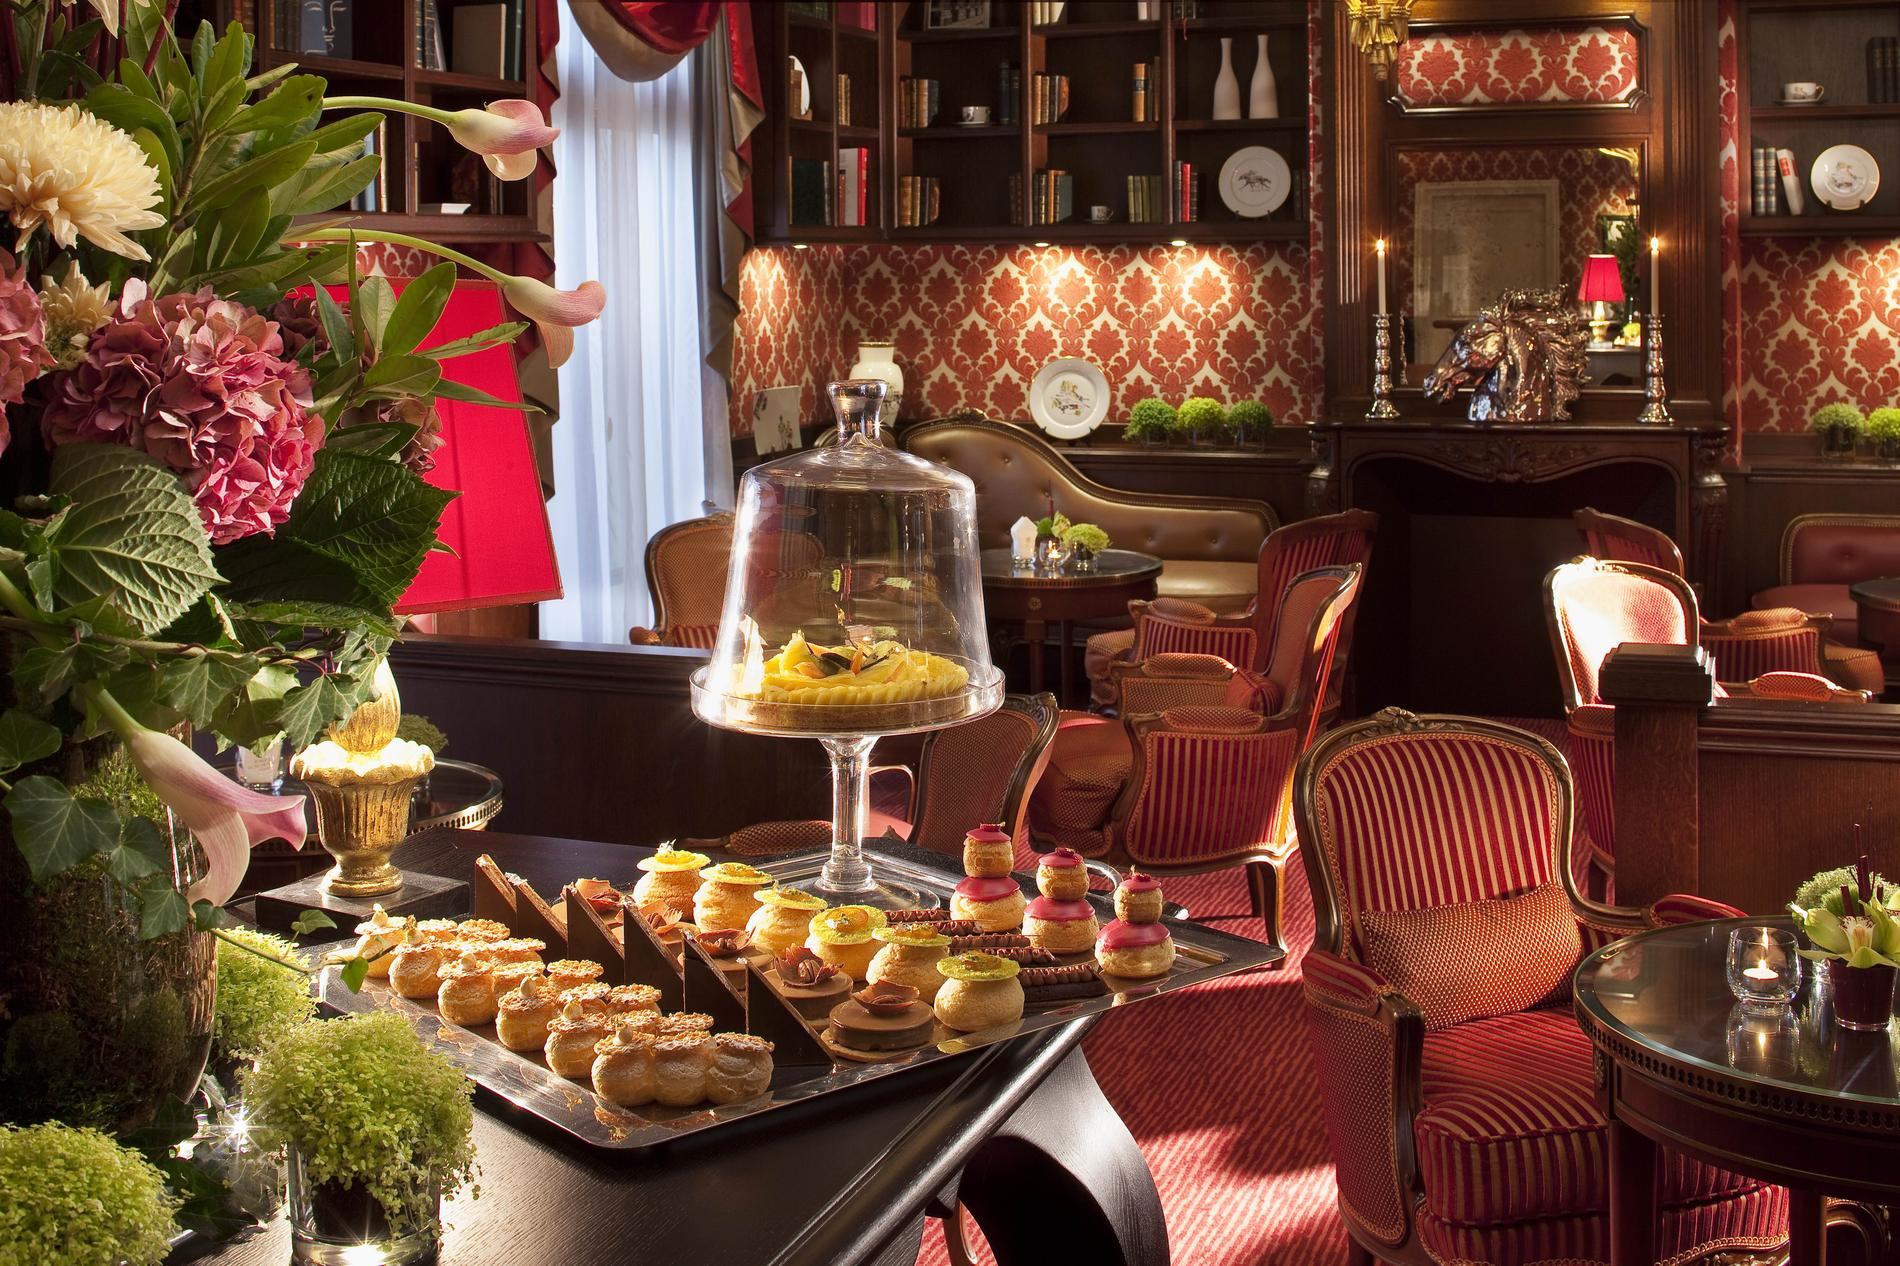 Remportez un s jour d exception l auberge du jeu de - Le jardin d hiver chantilly ...